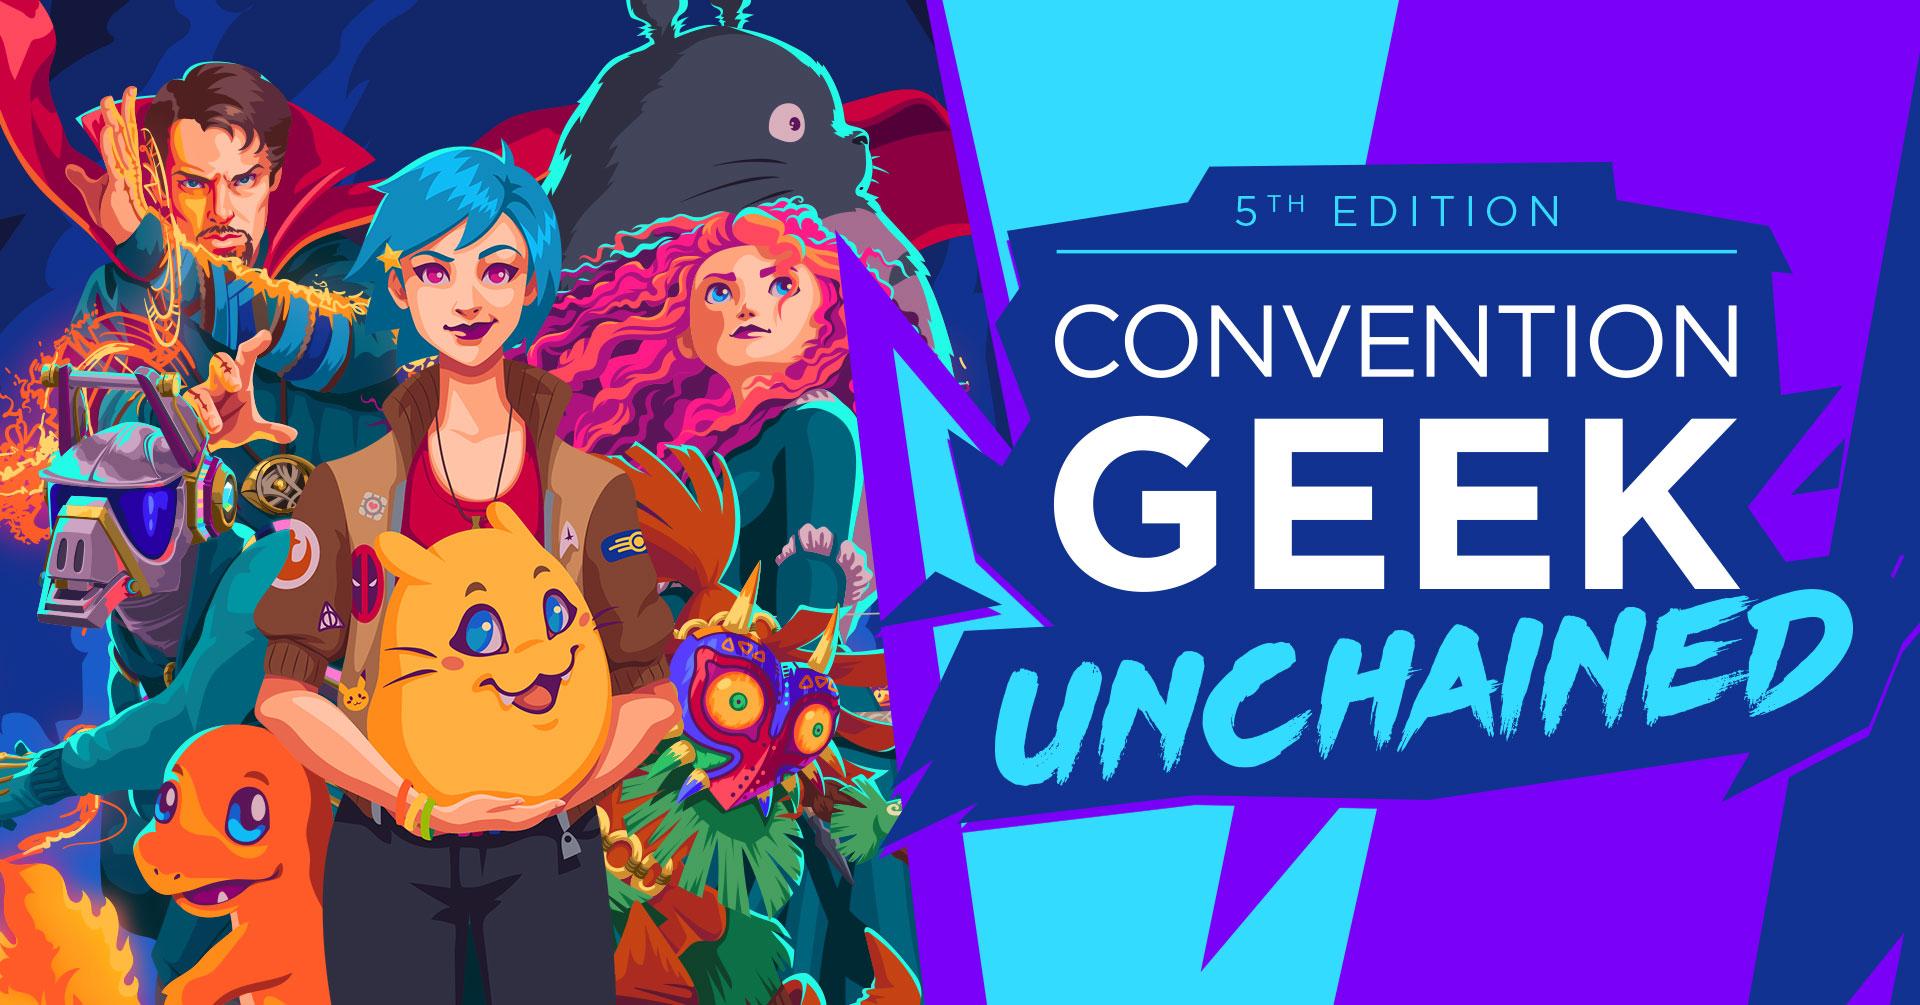 [ÉVÉNEMENT] Convention Geek Unchained 5th edition